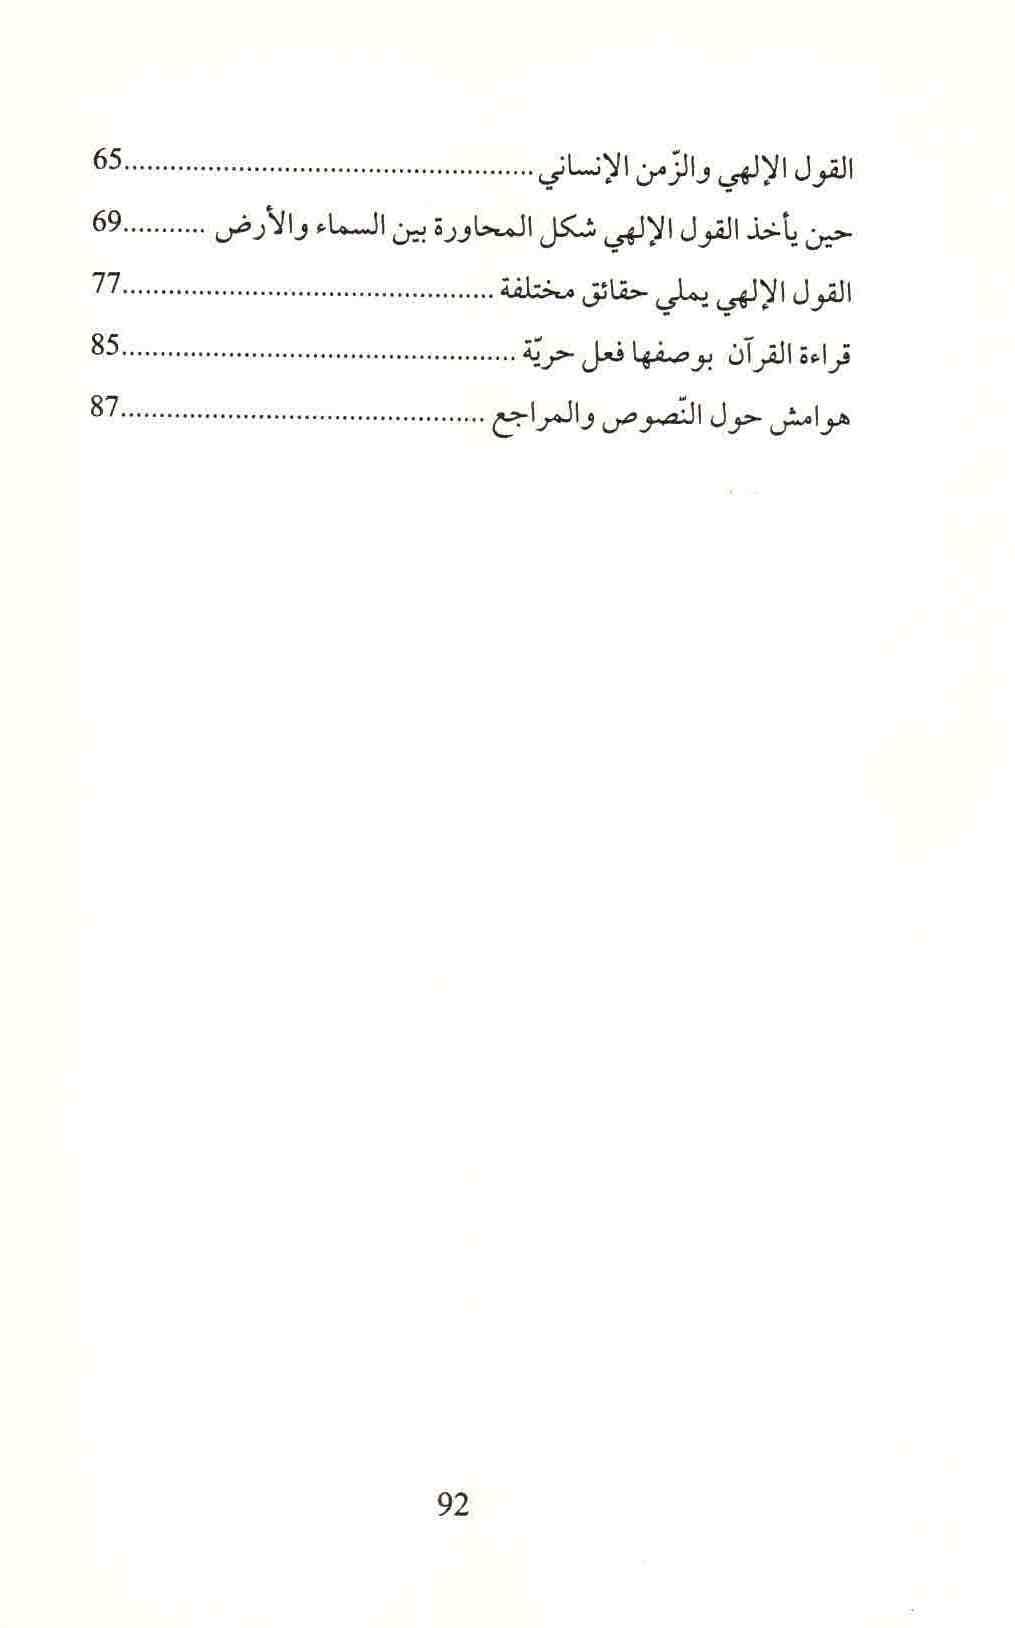 ص 92 محتويات كتاب ما لم يقله القرآن